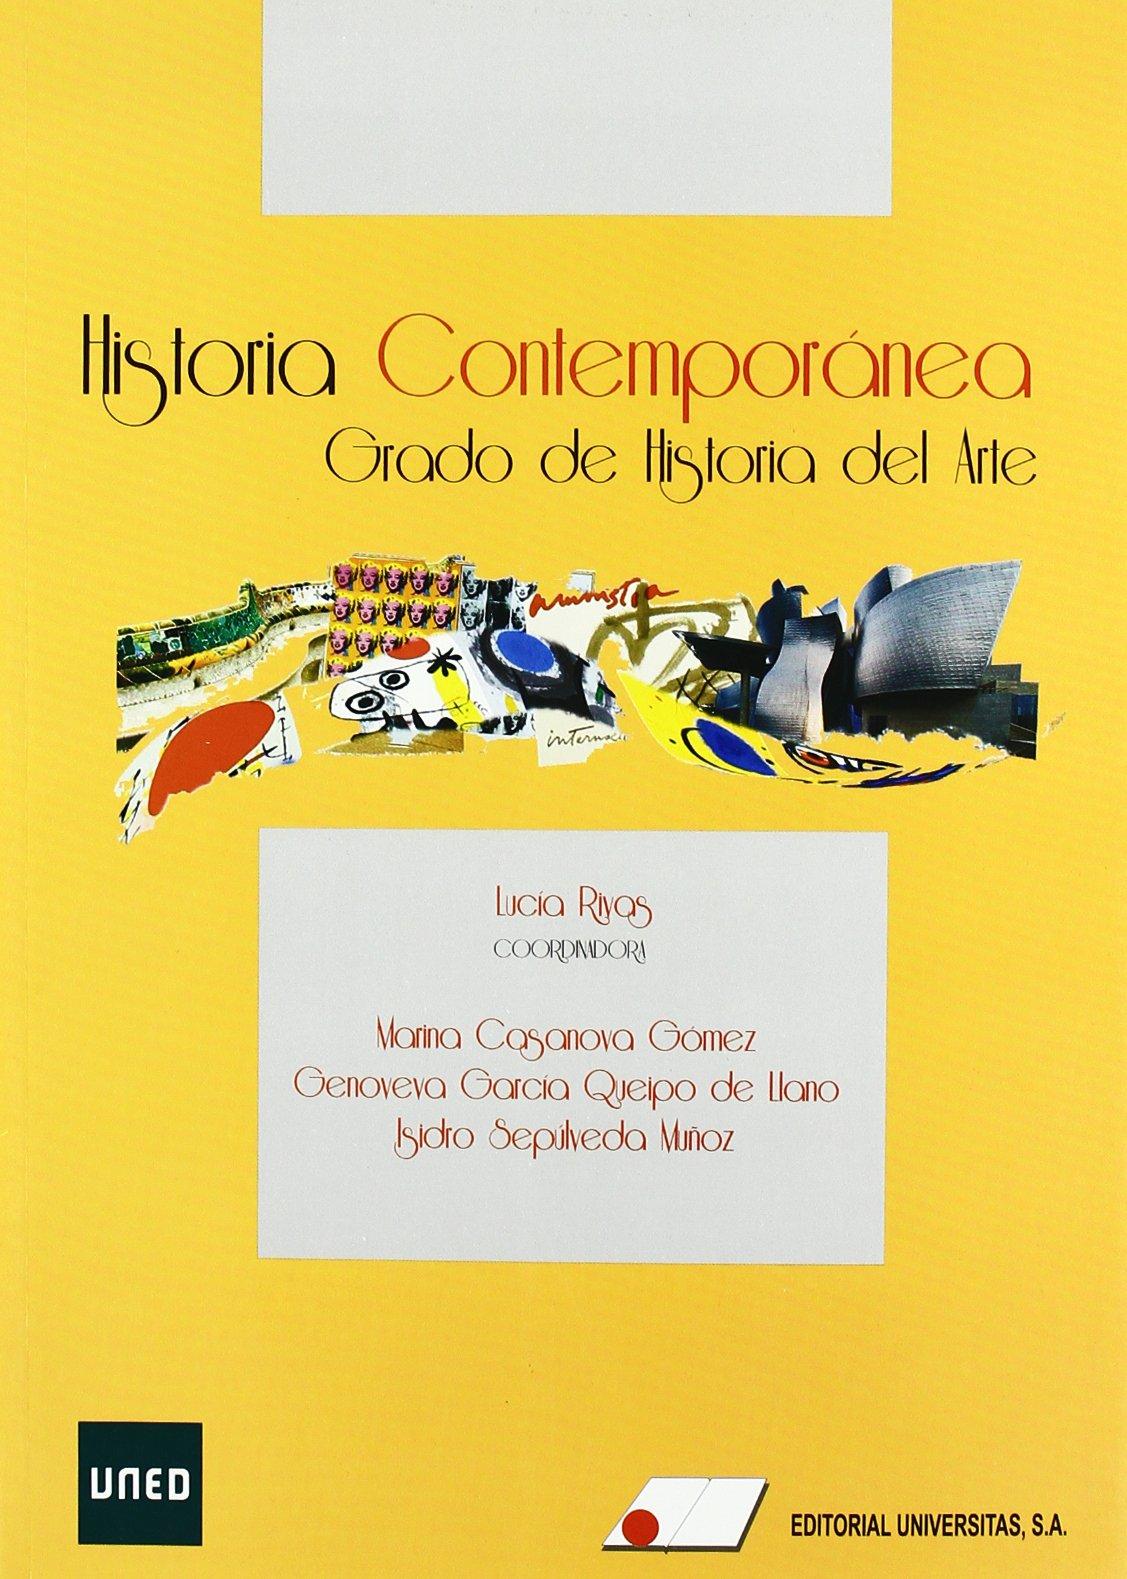 Historia contempor nea. Grado de Historia del Arte: Amazon.es: Rivas, L.: Libros